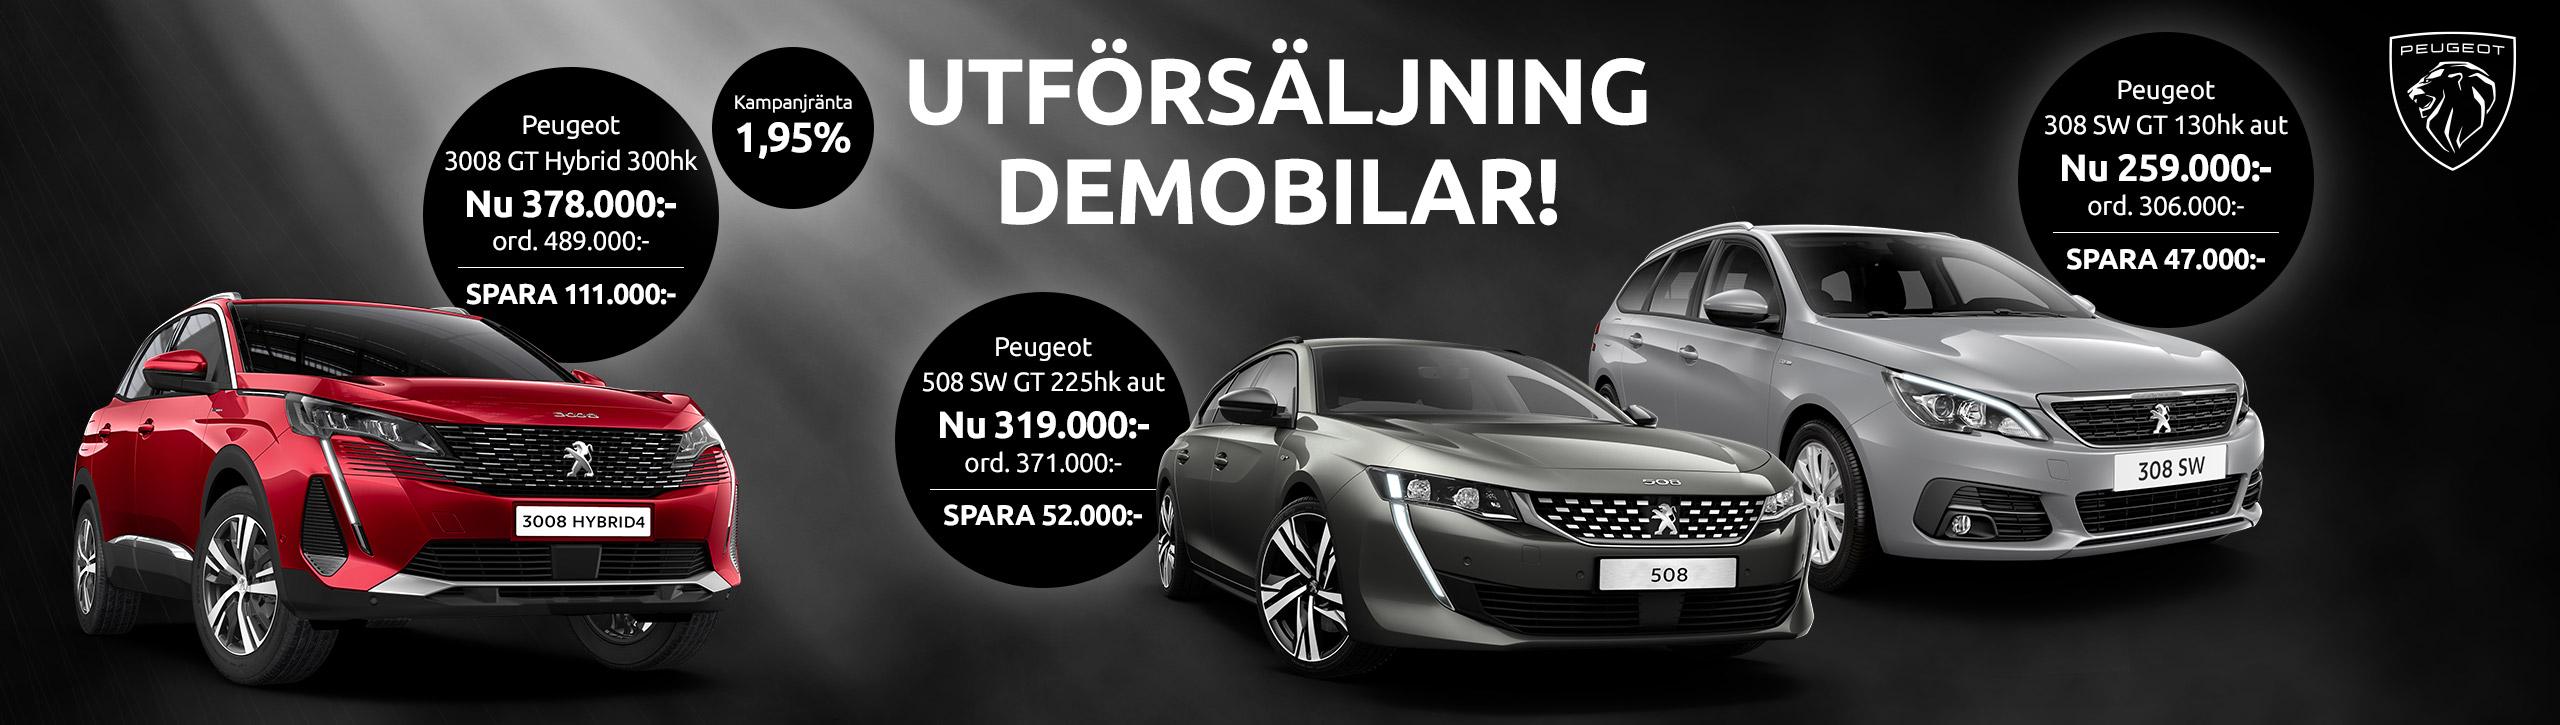 210629-frontbilar-peugeot-bildspel-2560x725-demobilar2